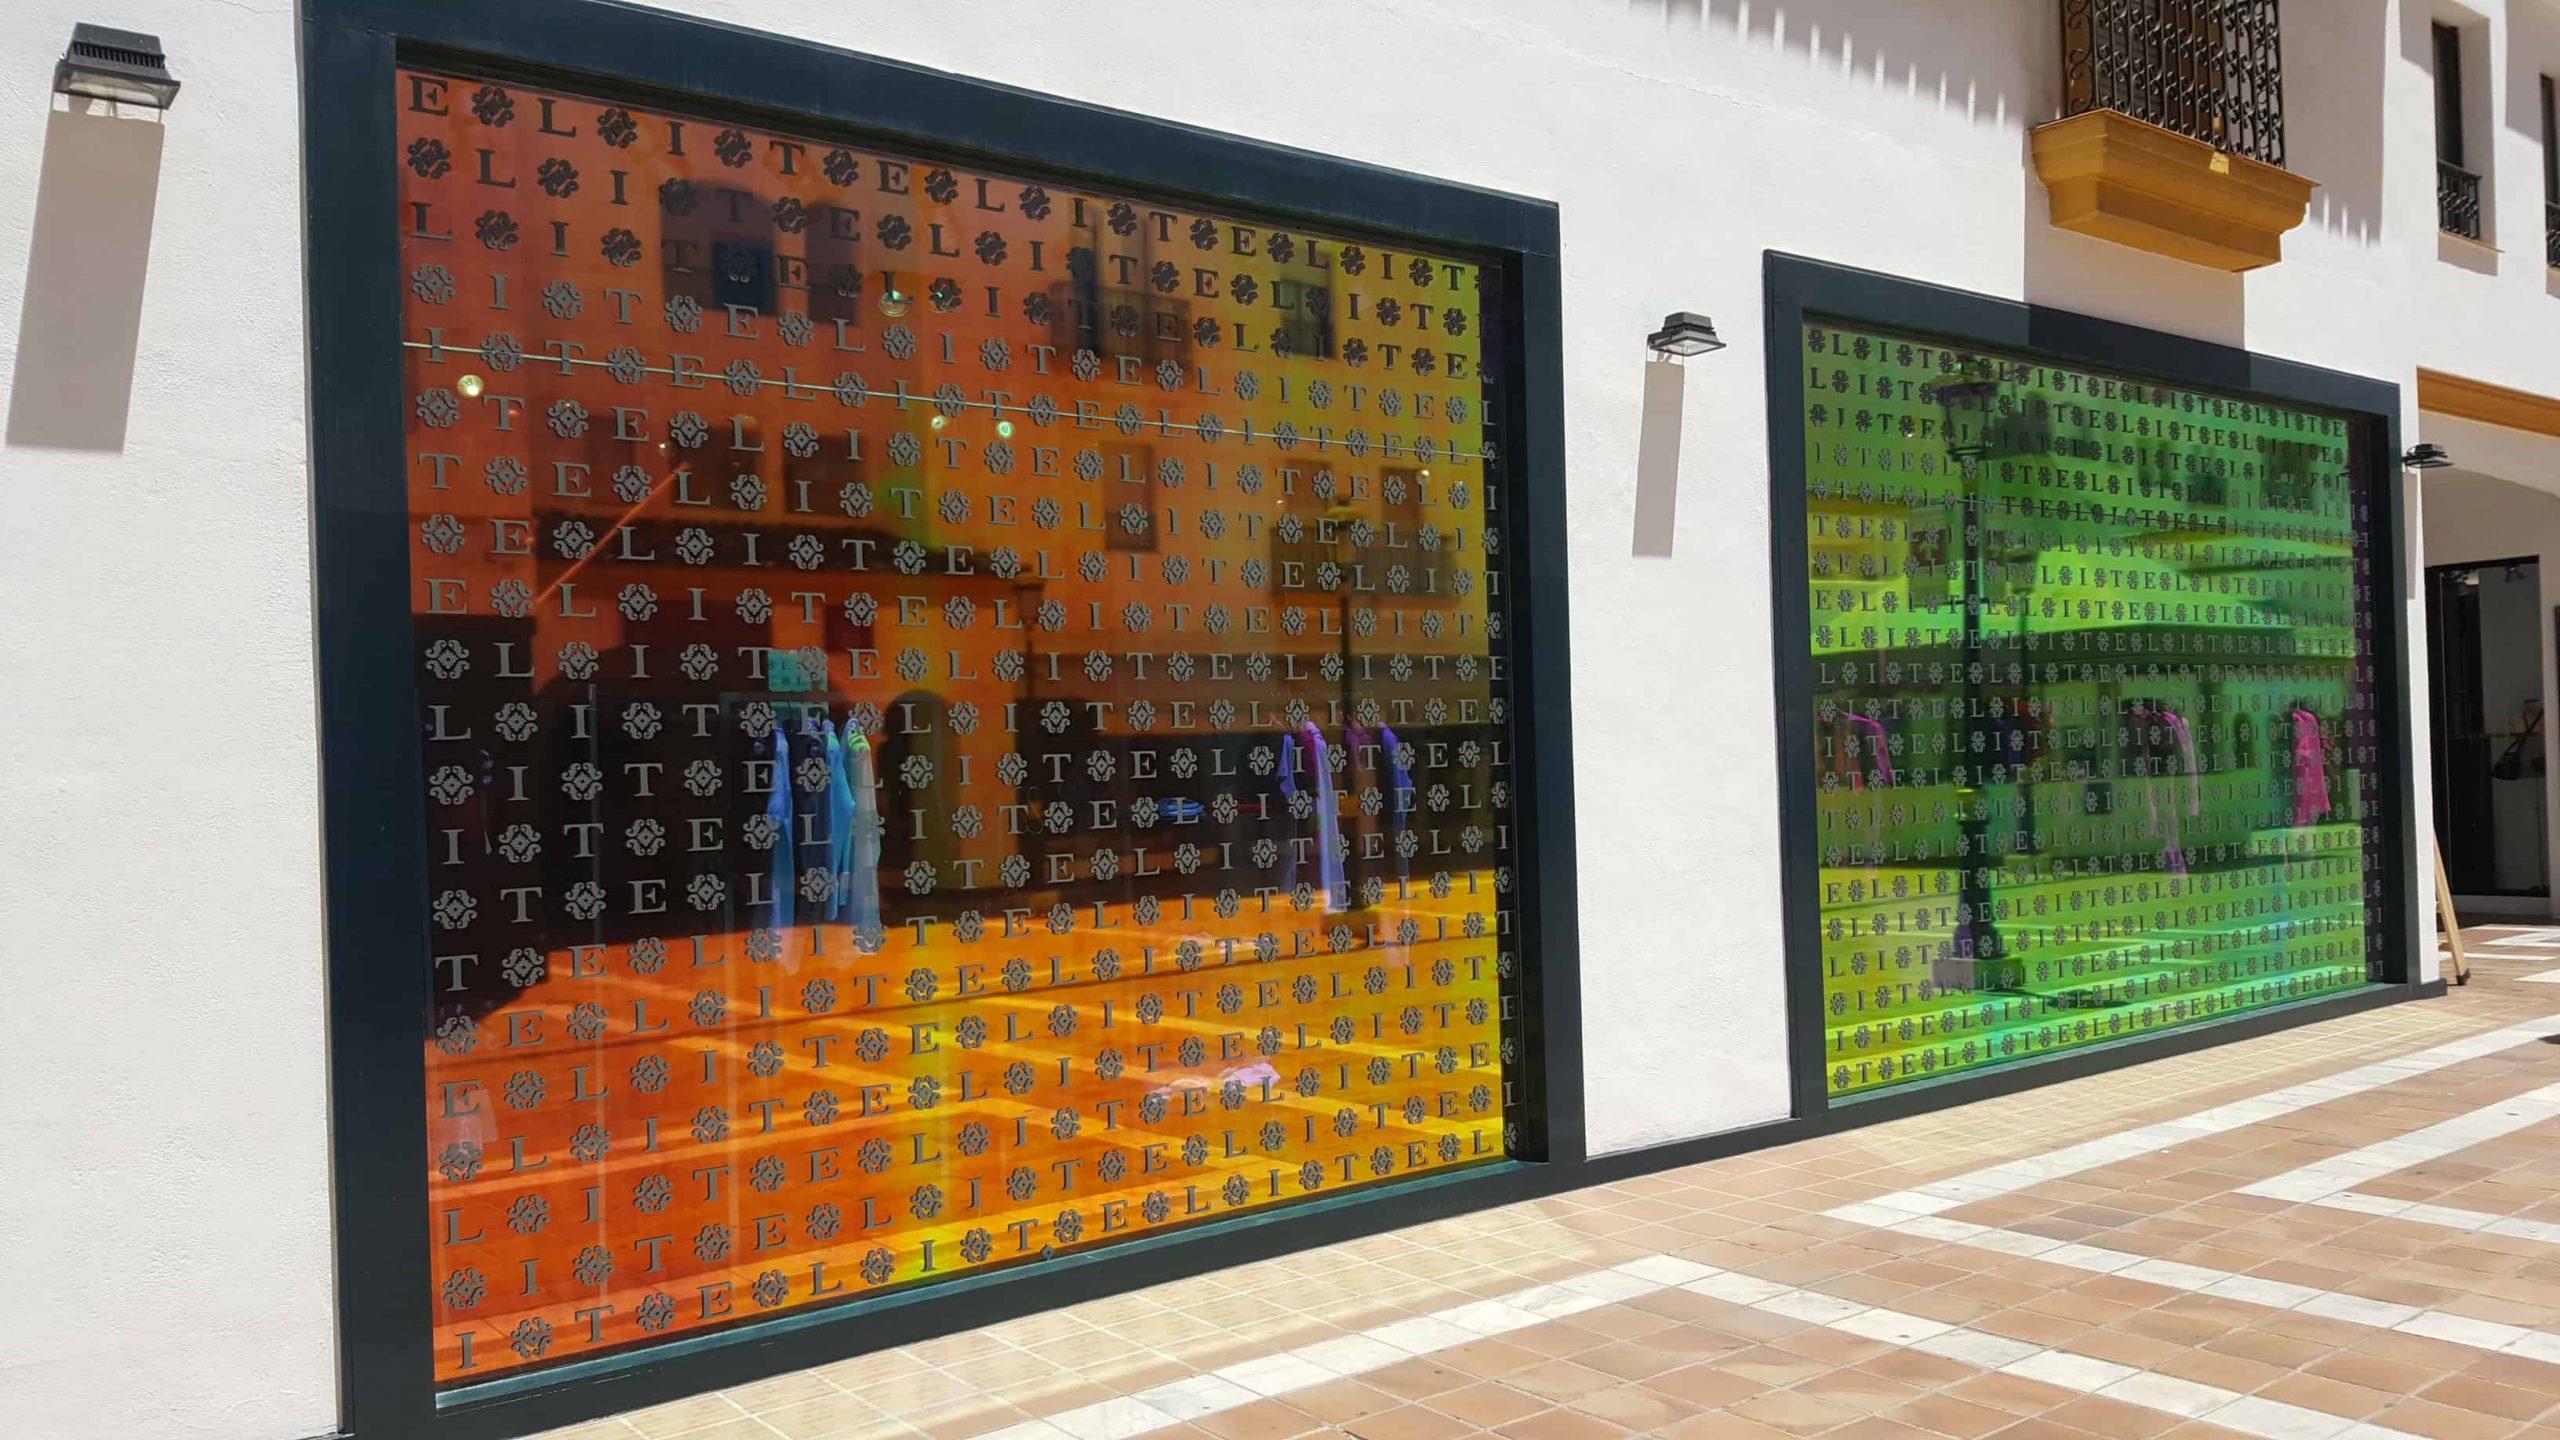 Full Size of Fenster Folie Obi Fensterfolie Statisch Anbringen Fensterfolien Schweiz Ikea Entfernen Gegen Hitze Bad Auto Selbstklebende Bauhaus Youtube Kosten Baumarkt Fenster Fenster Folie